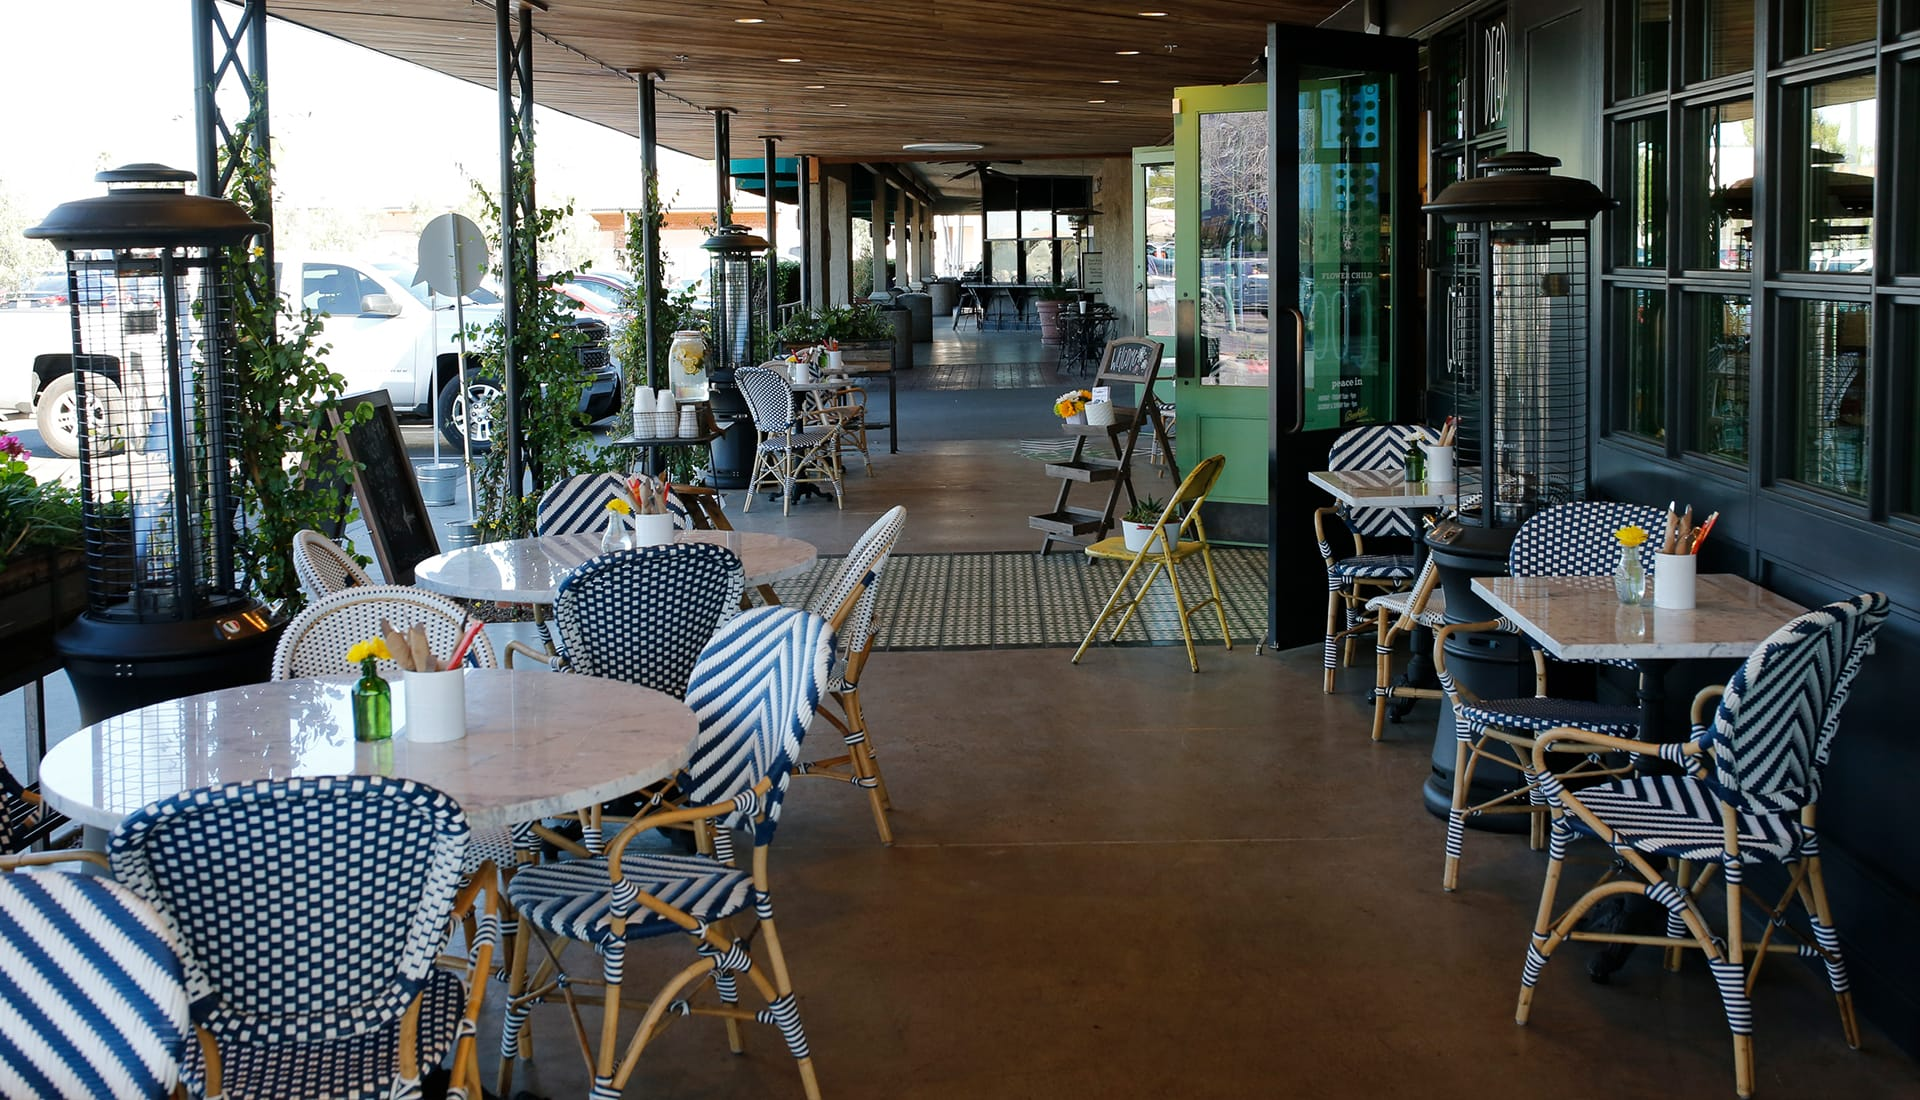 Healthy Restaurant Phoenix Uptown Flower Child